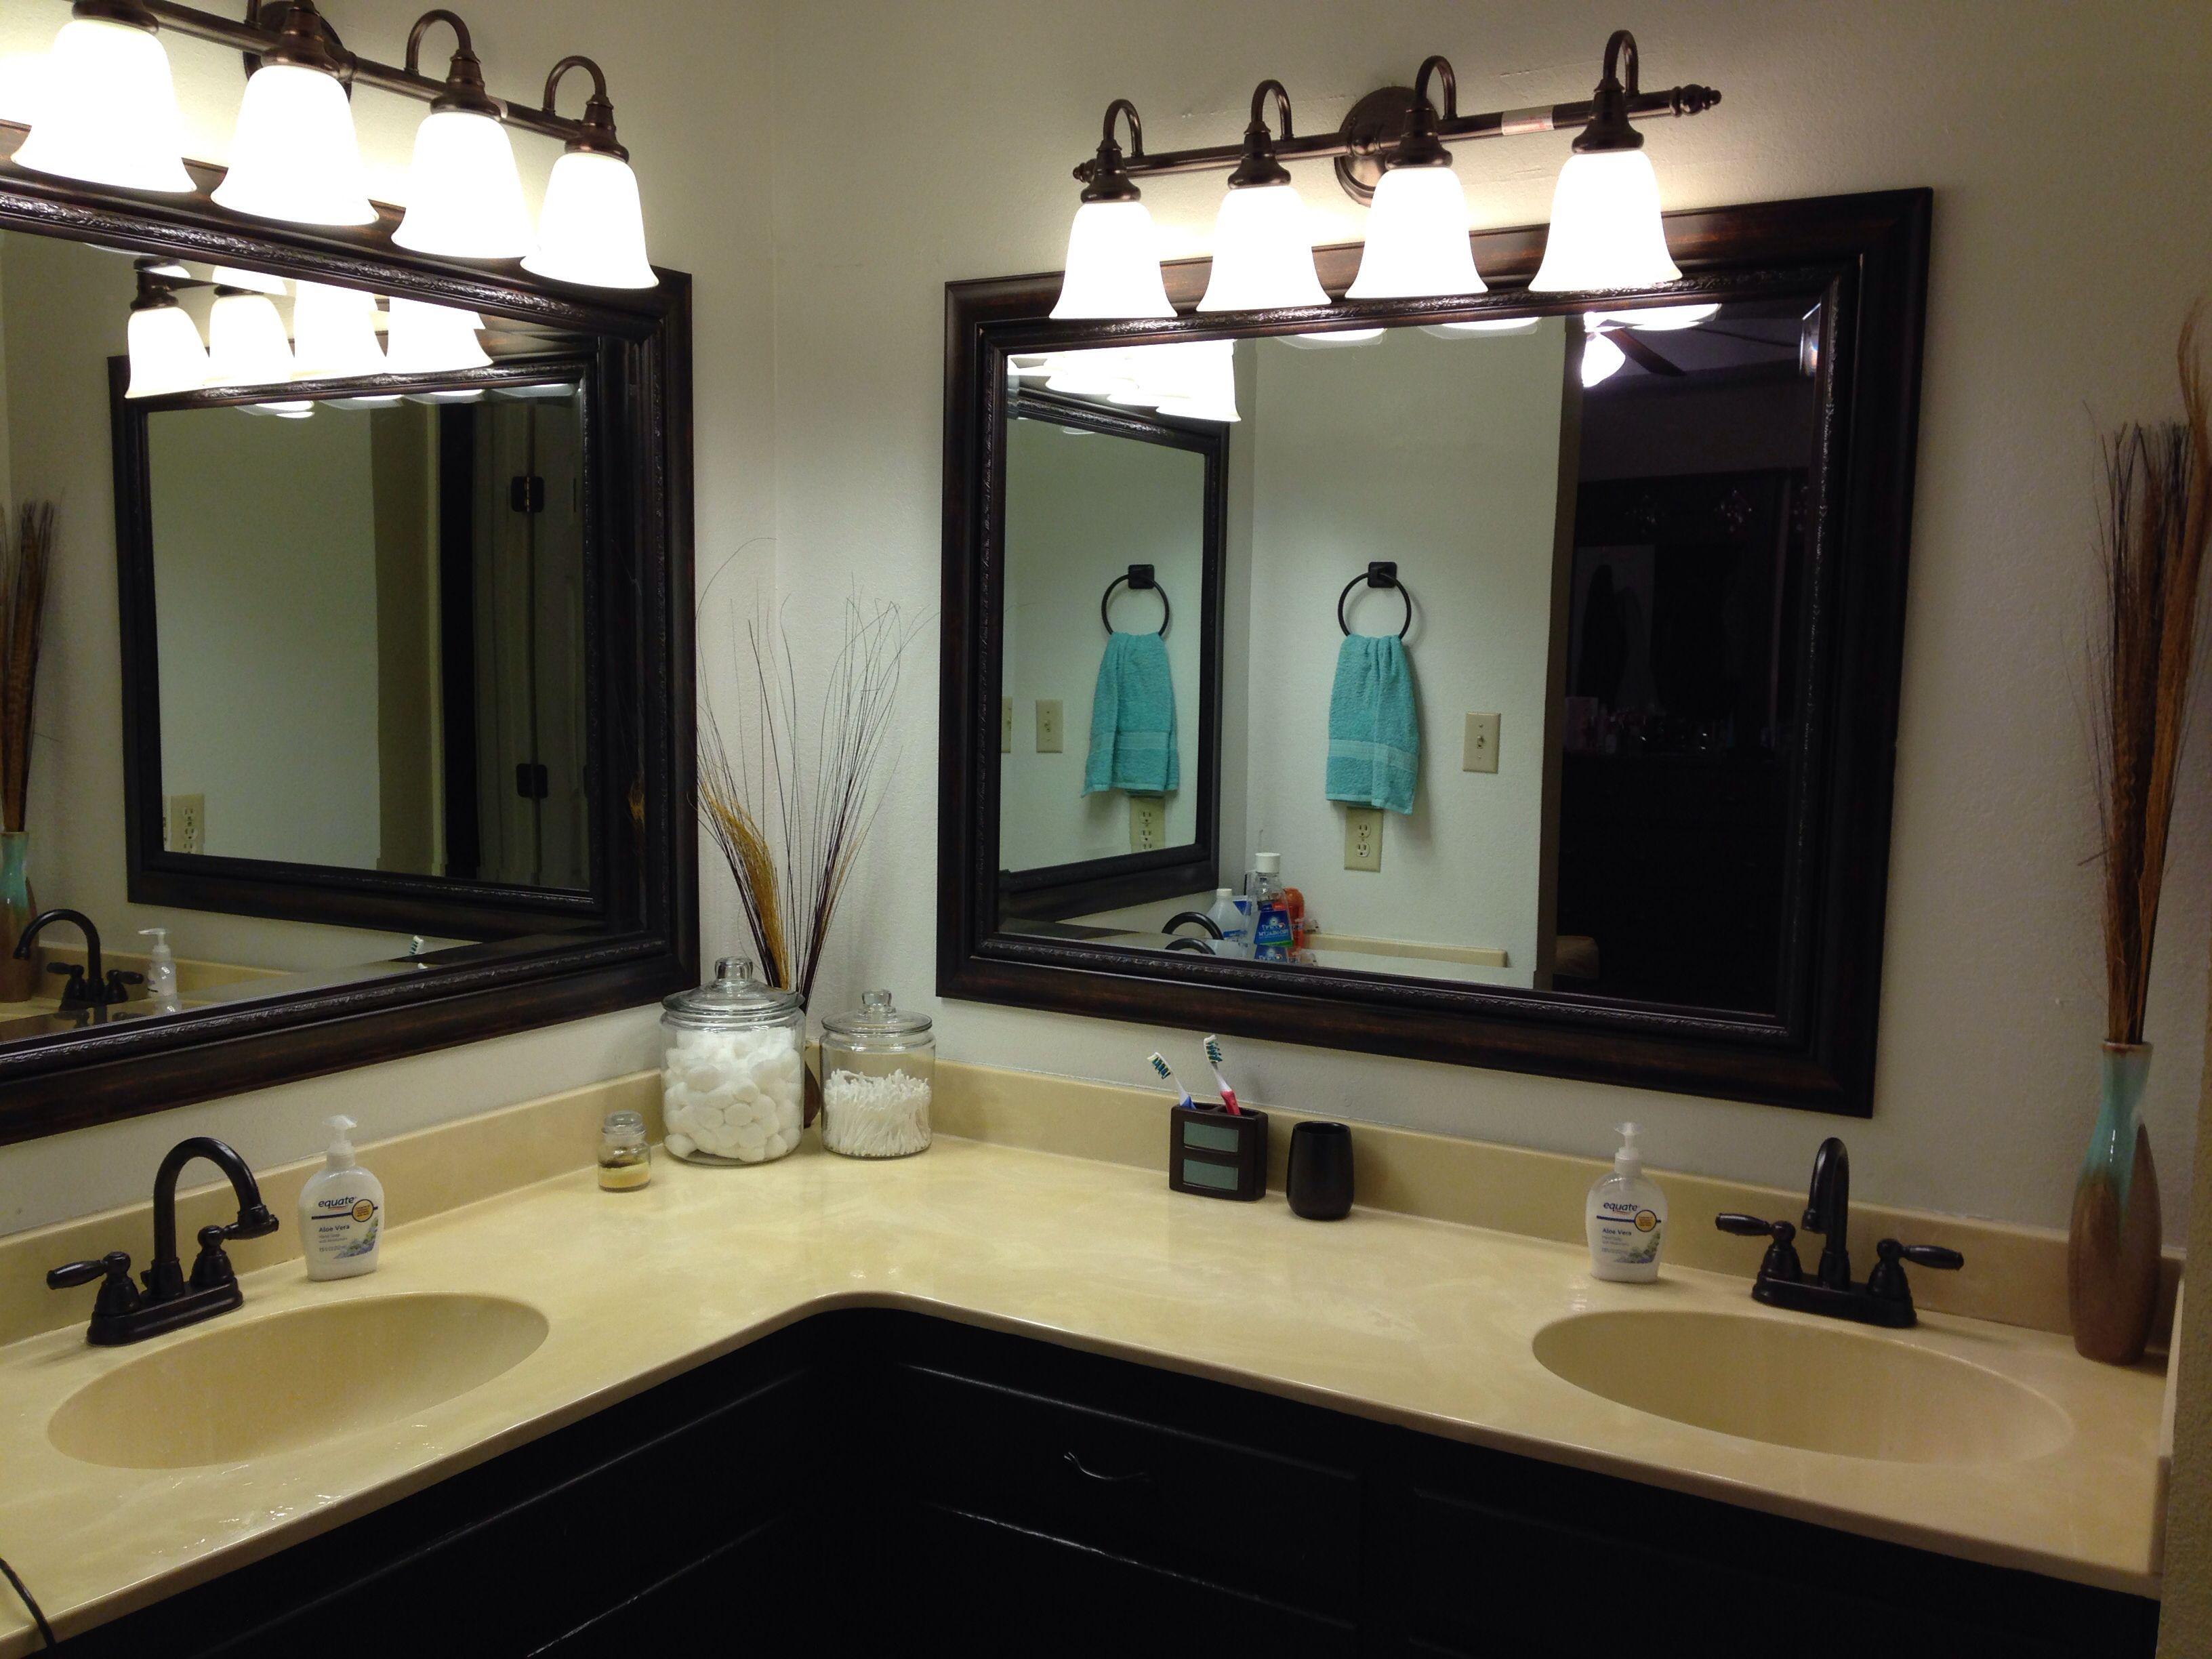 Brown and teal Bathroom vanity Kirklands mirrors Painted